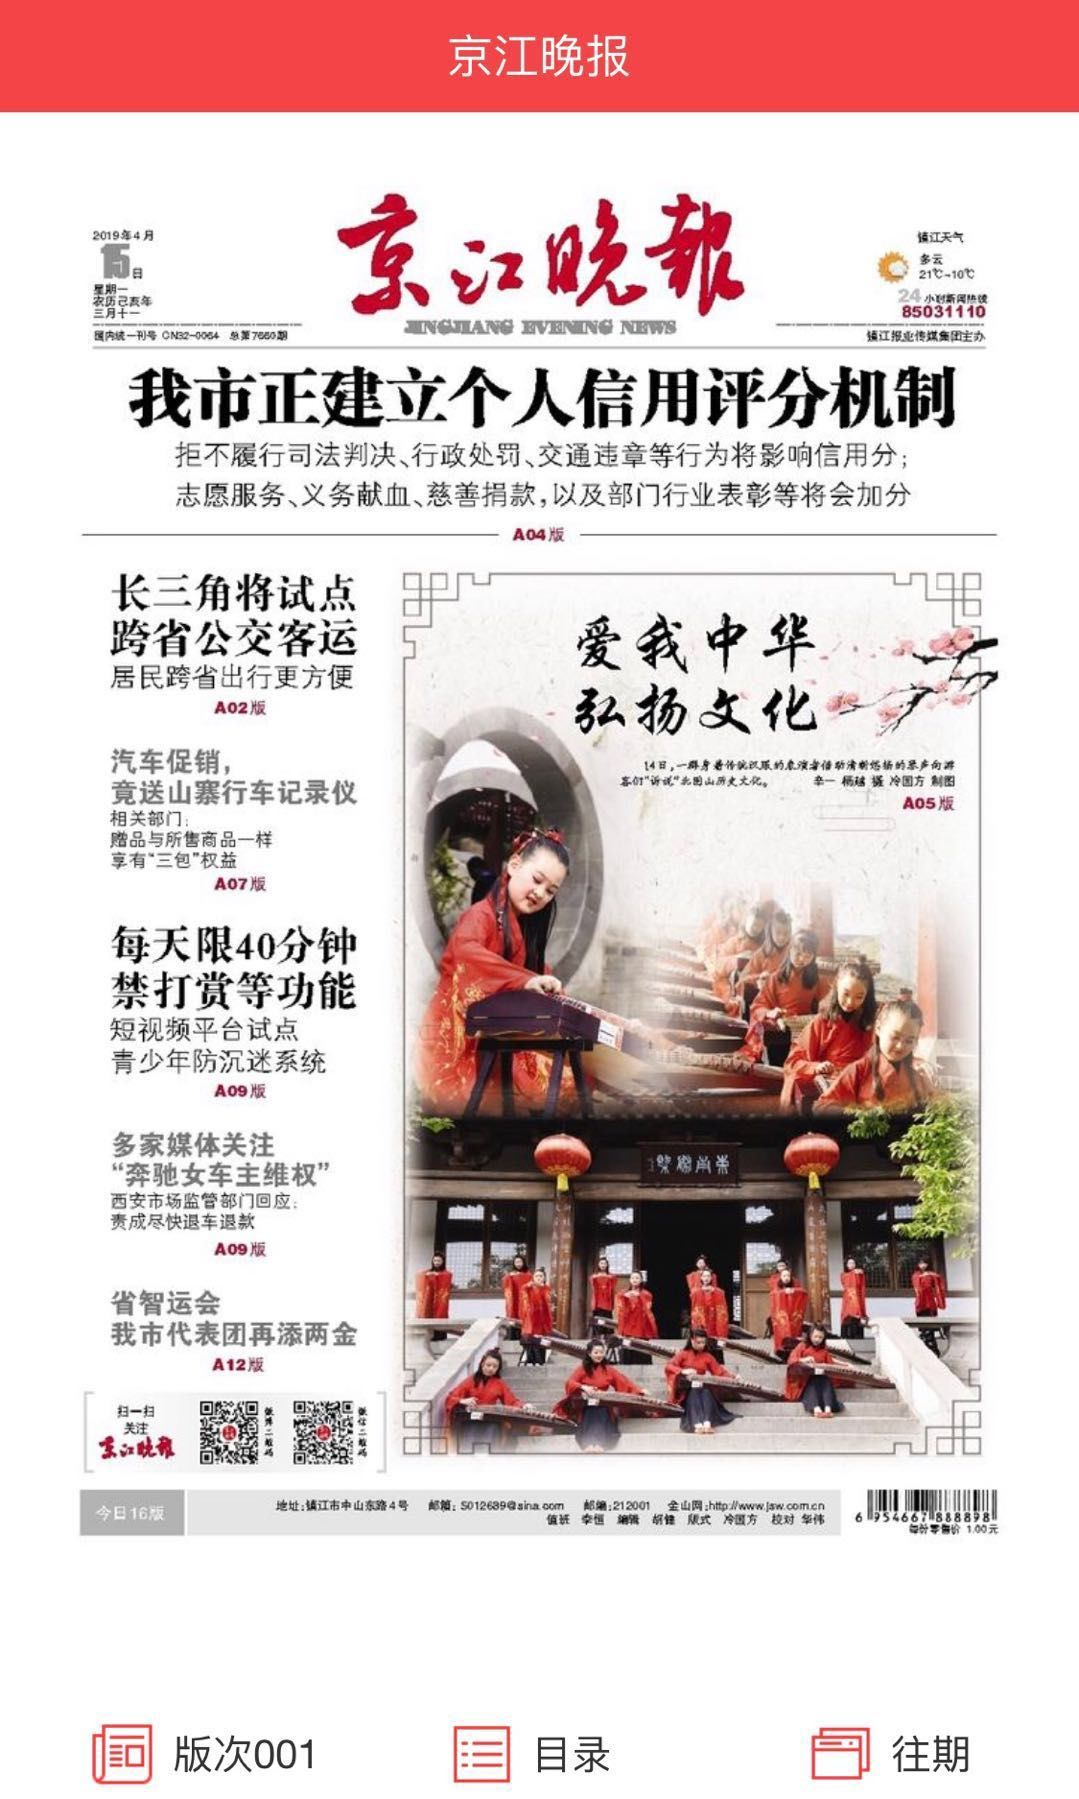 头条!北固山公园举办《礼仪之邦》表演活动登上《京江晚报》头版!